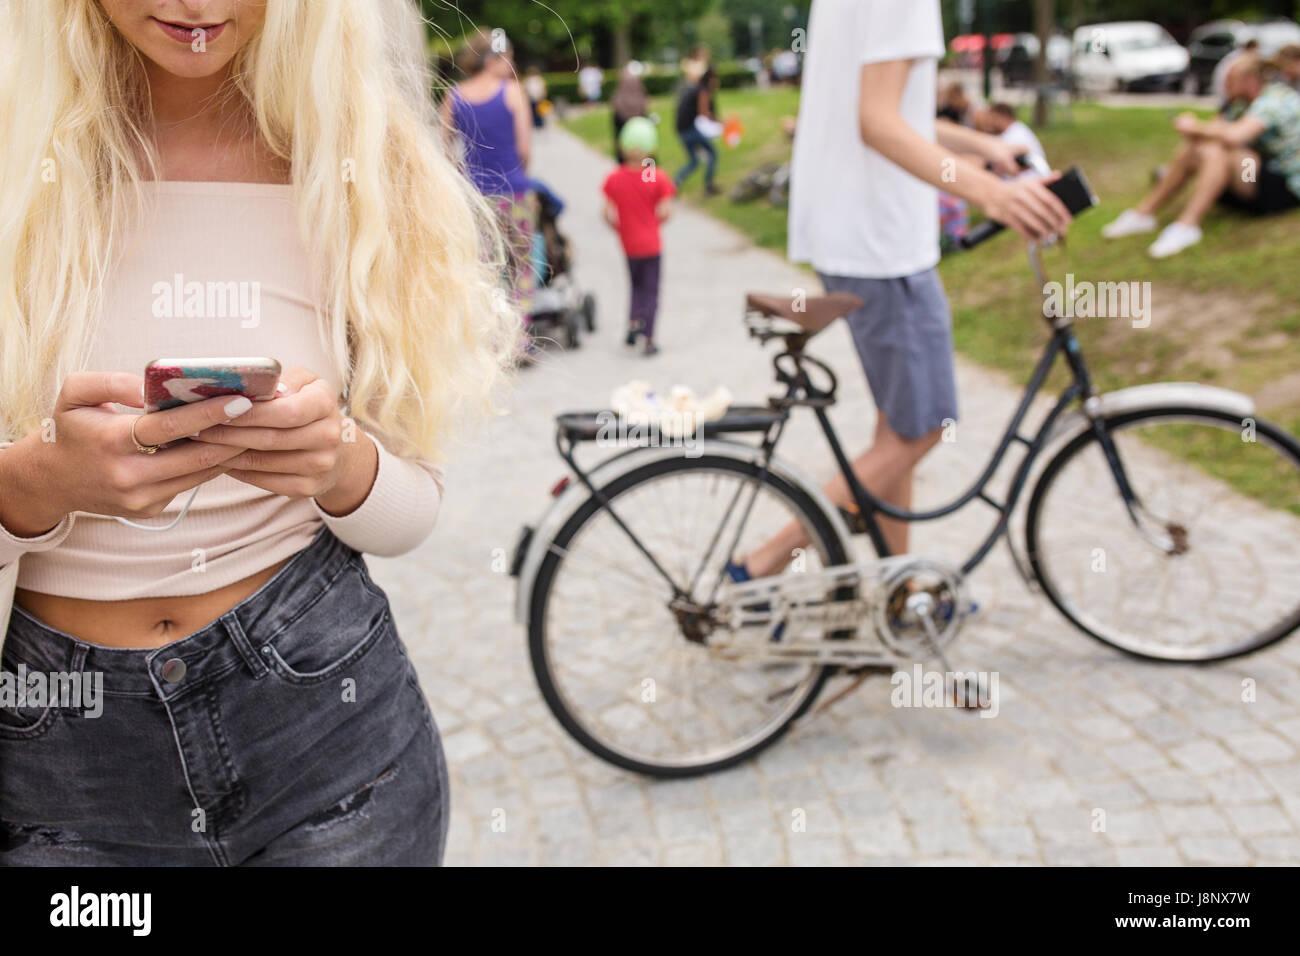 Teenage girl (16-17) en jouant avec le jeu de réalité augmentée mobile phone in park Banque D'Images